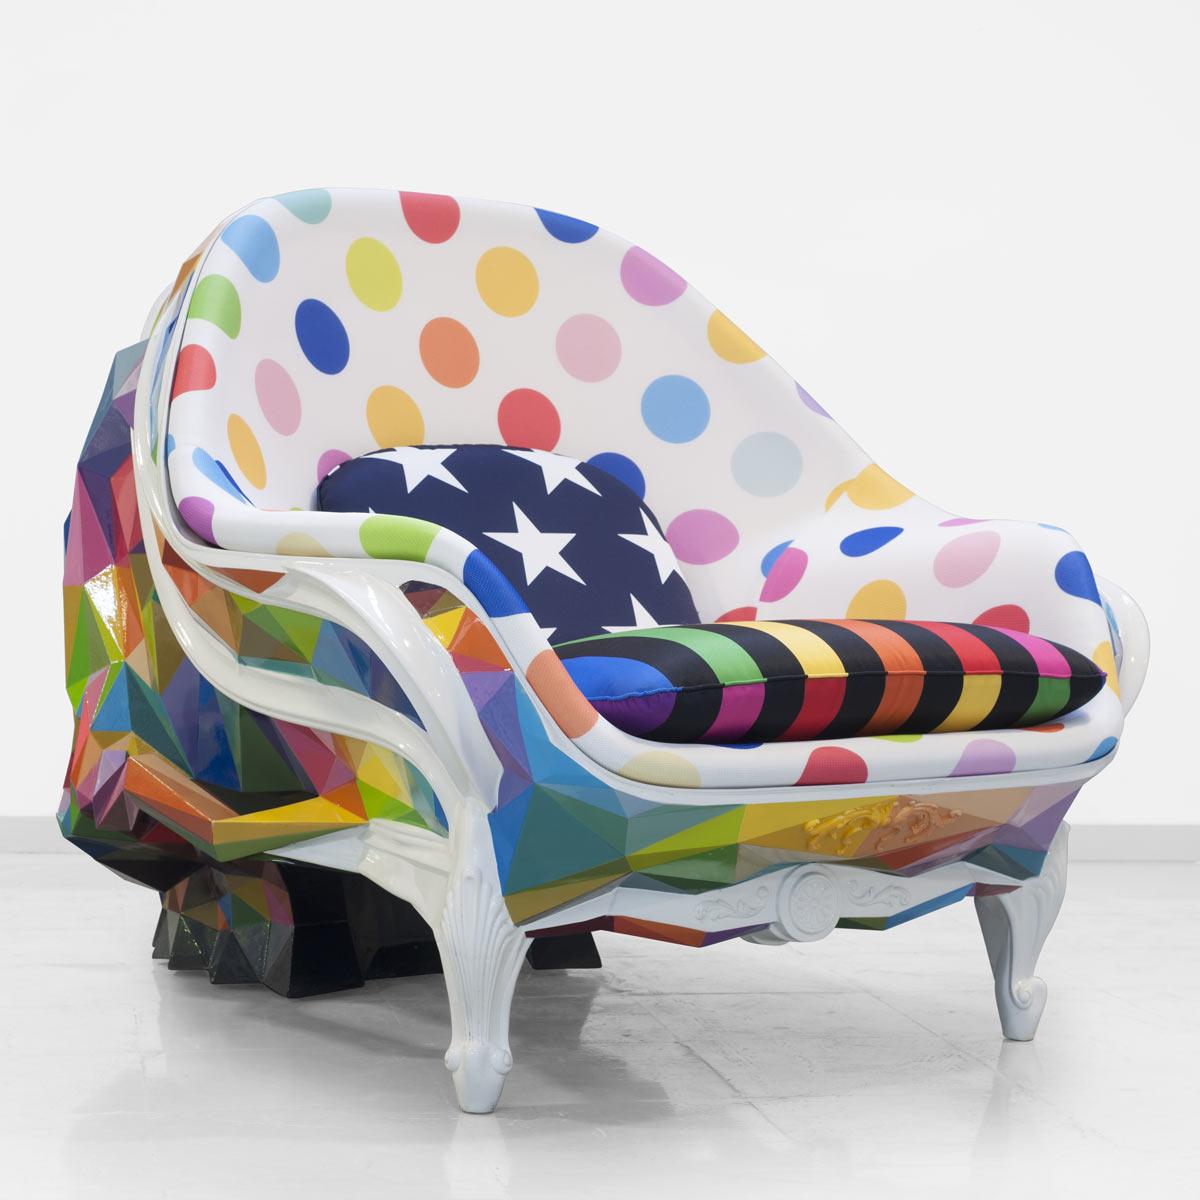 02-Harow's-Skull-Armchair-by-Okuda-San-MiguelHarow's-Skull-Armchair-by-Okuda-San-Miguel-shop